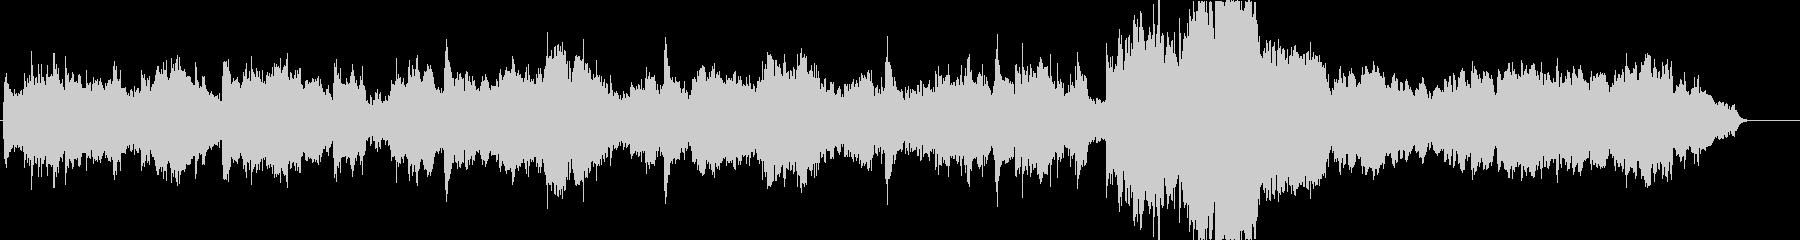 クラシック音楽を和風アレンジの未再生の波形